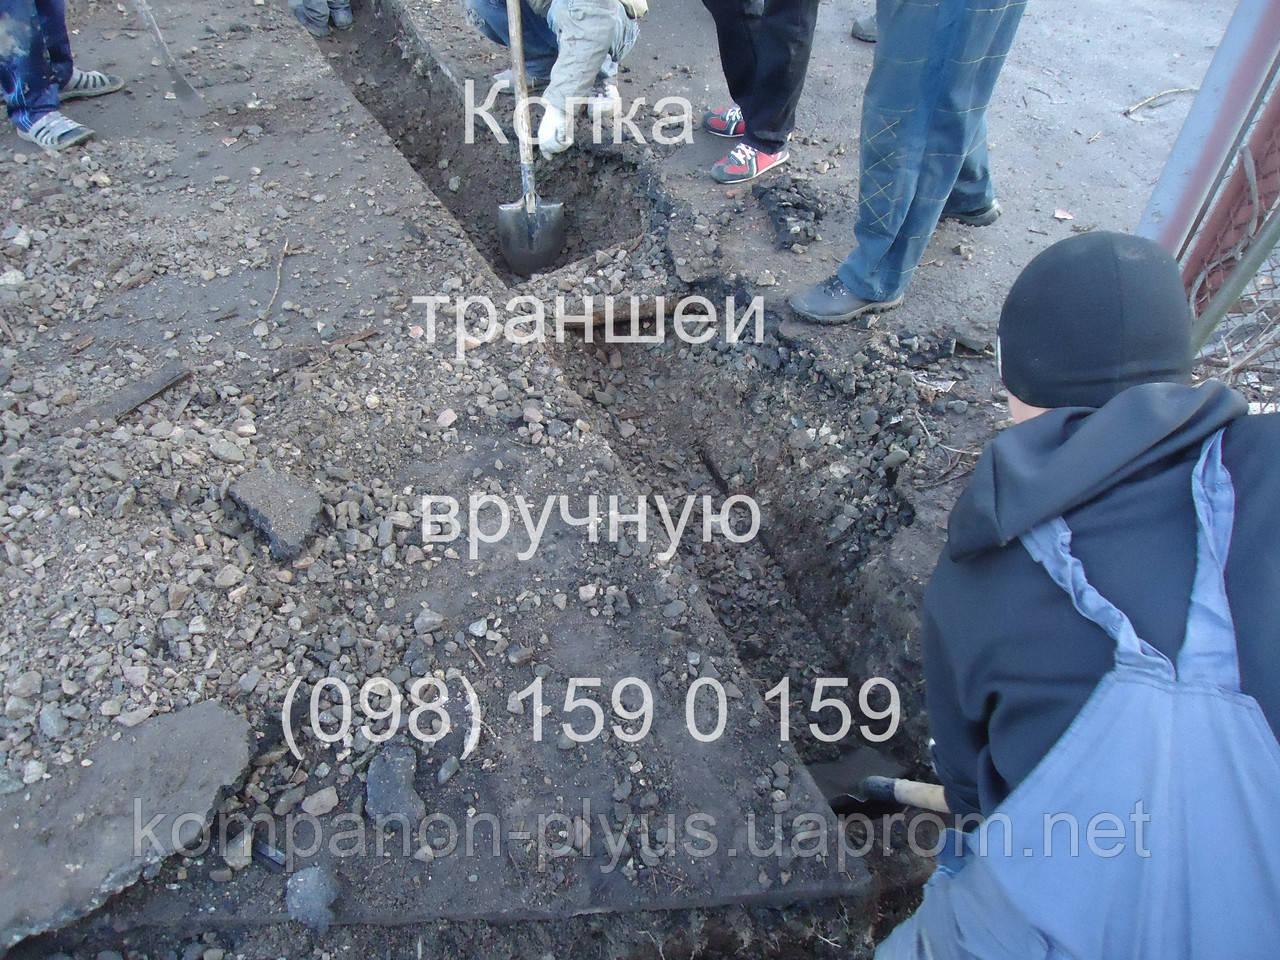 Ручні роботи (098) 159 159 0